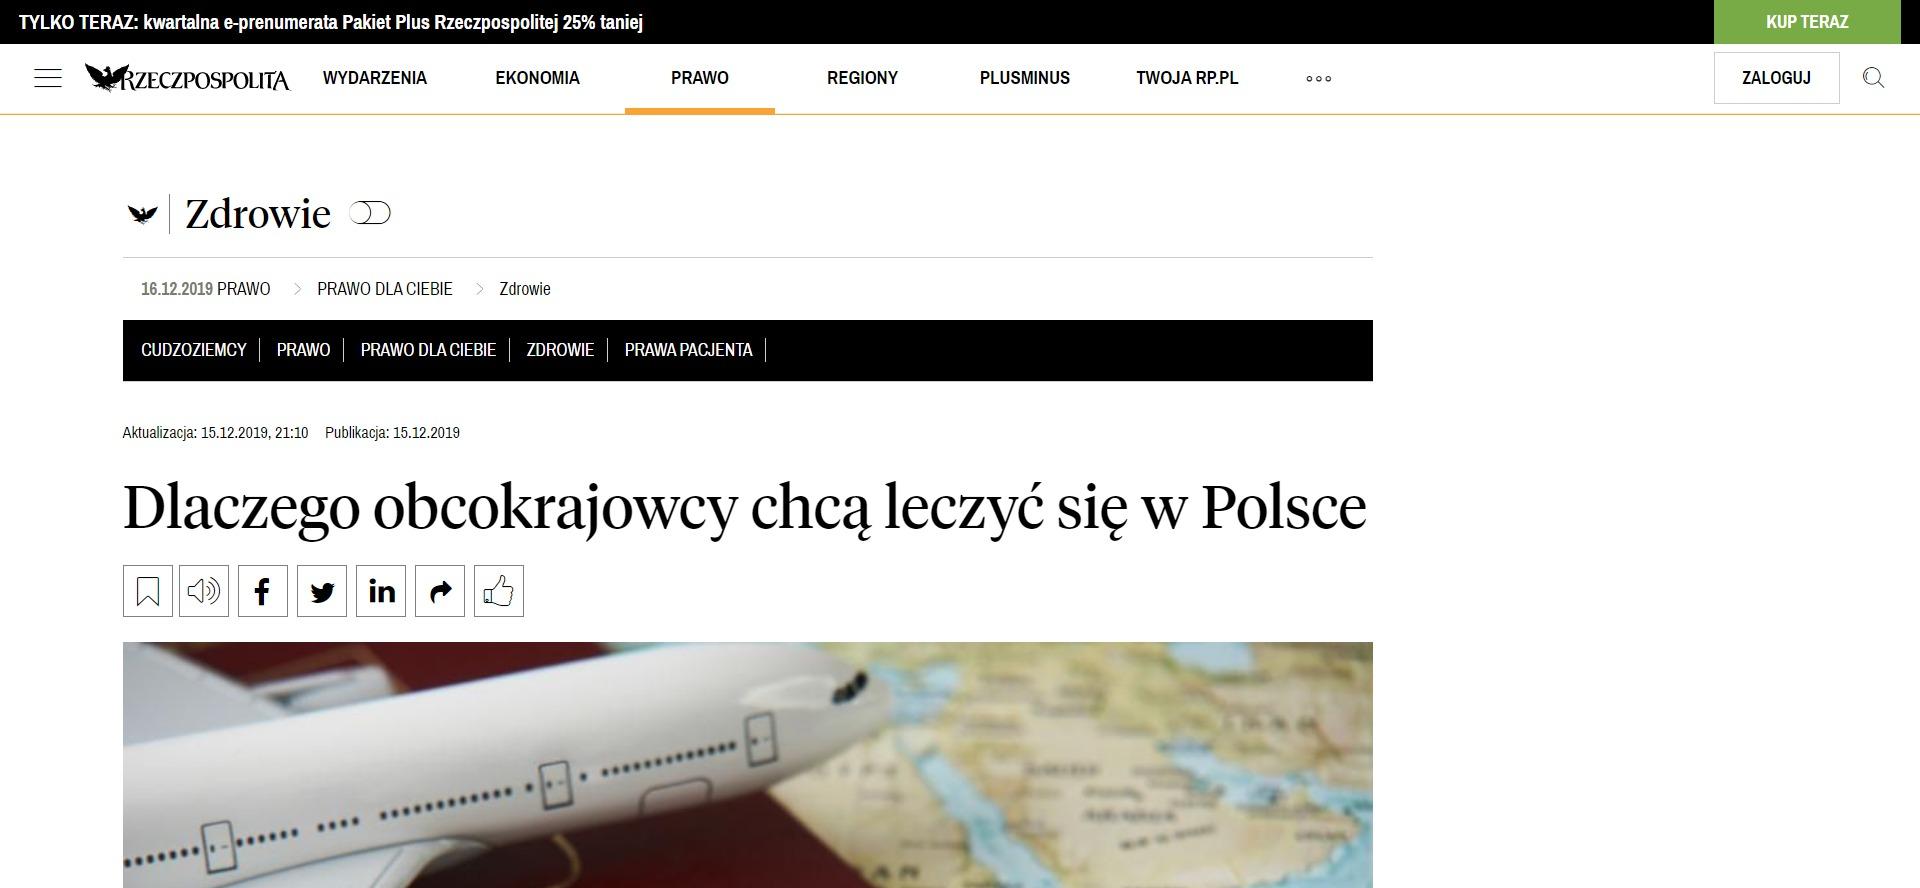 Dlaczego obcokrajowcy chcą leczyć się w Polsce